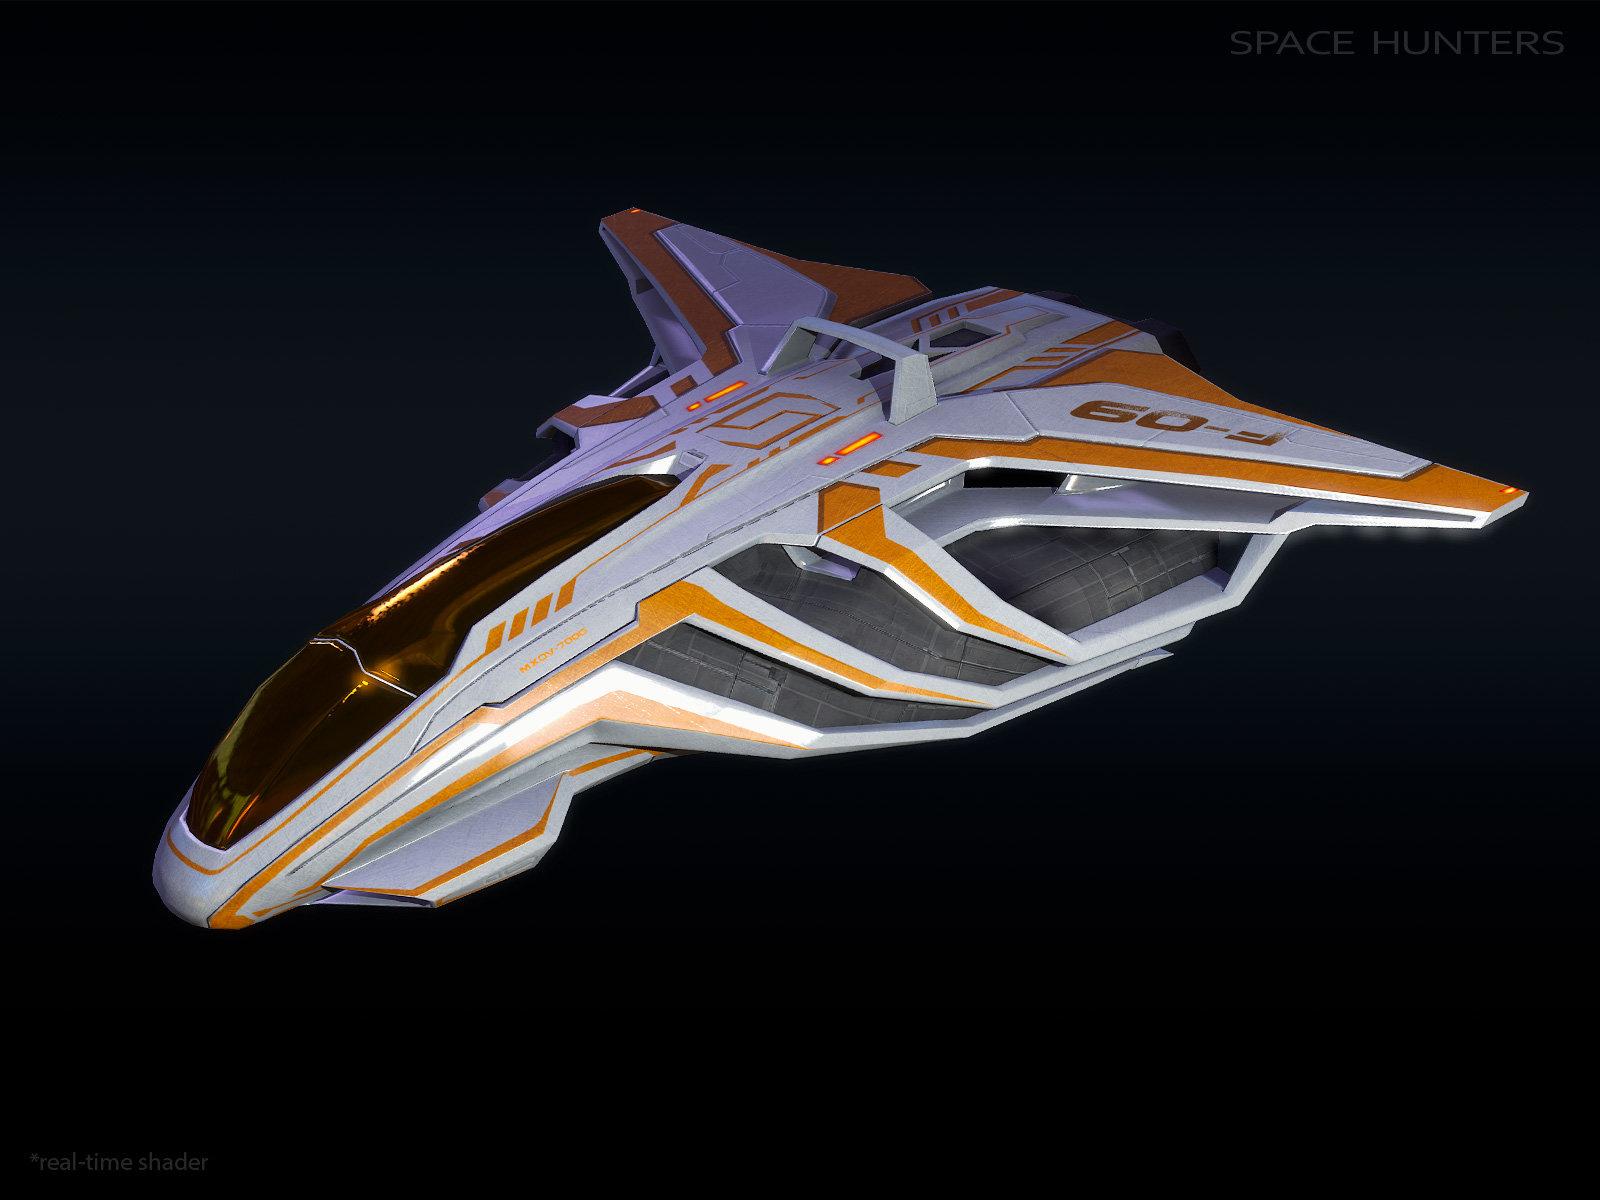 Demitry nemirovskiy spaceship1 1